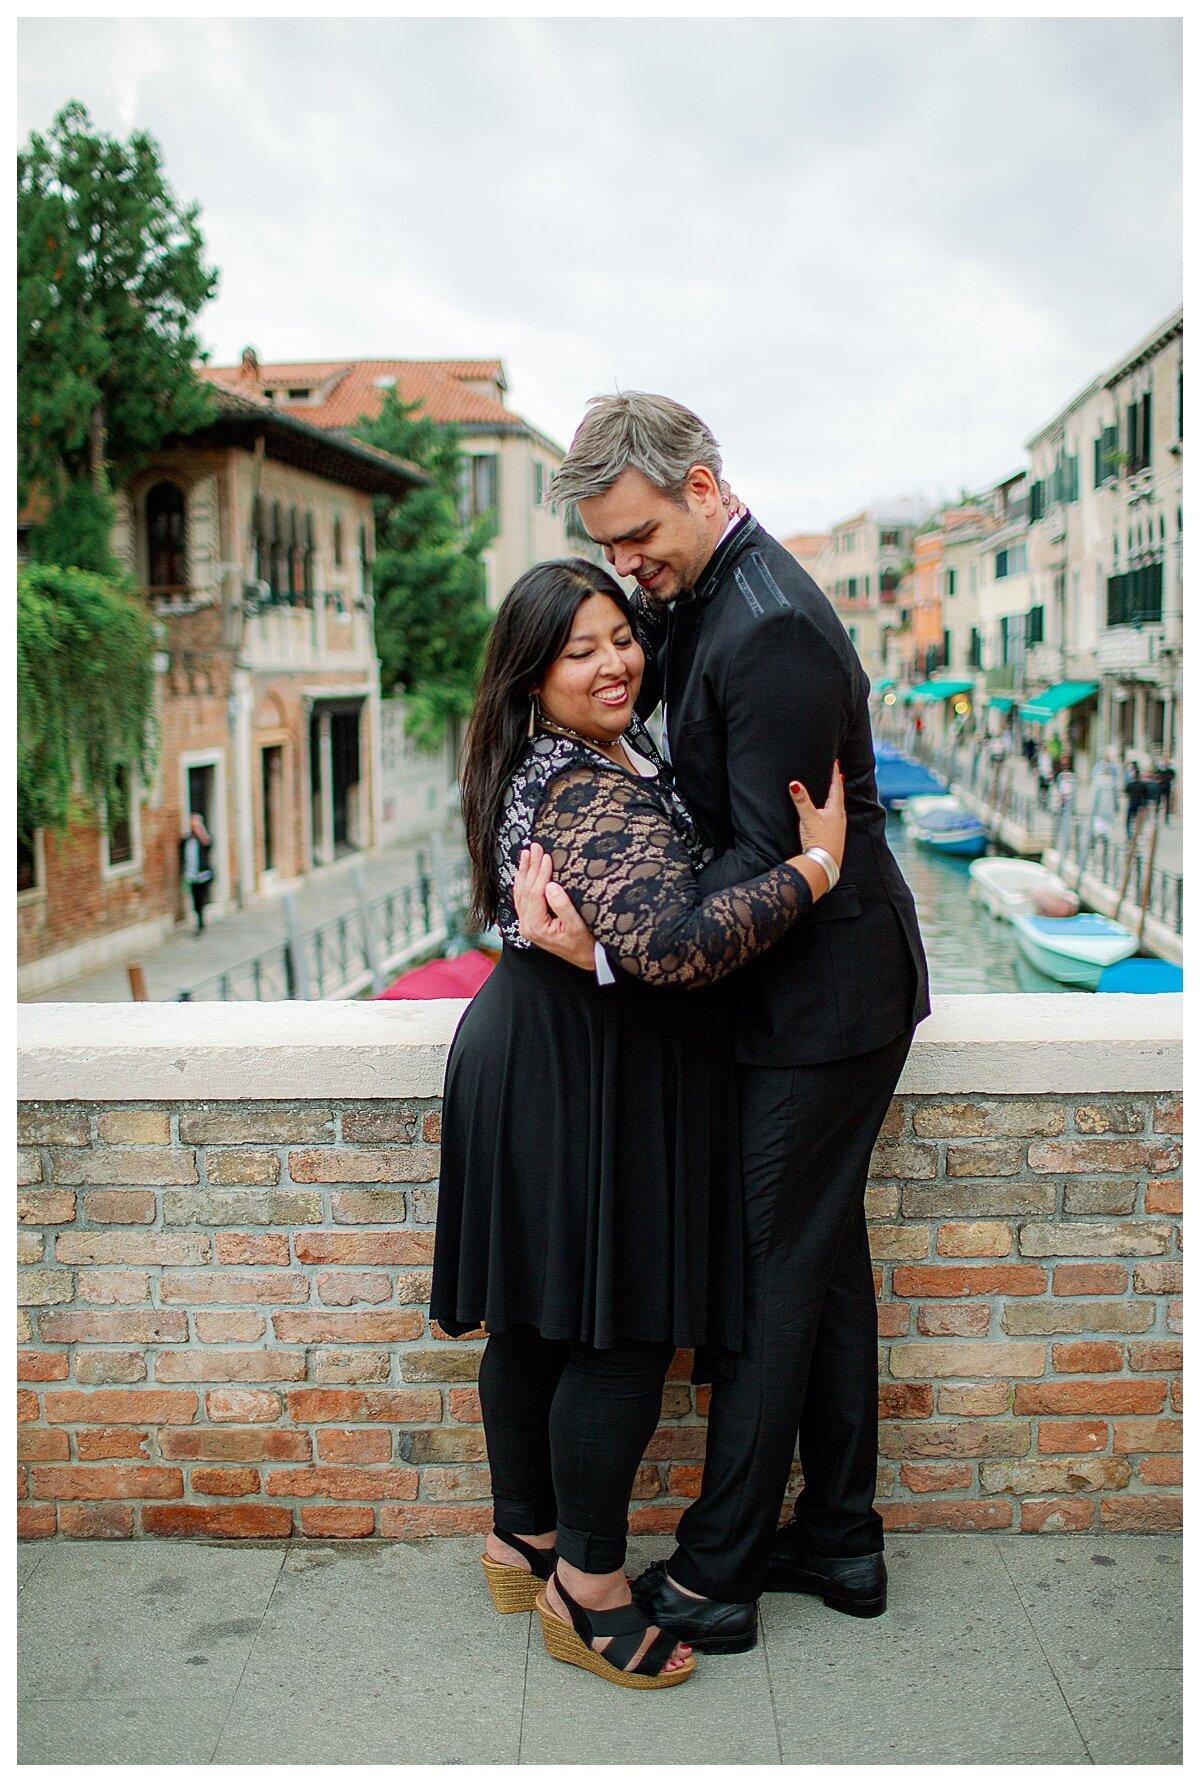 venice-photographer-stefano-degirmenci-couple-photowalk_1241.jpg